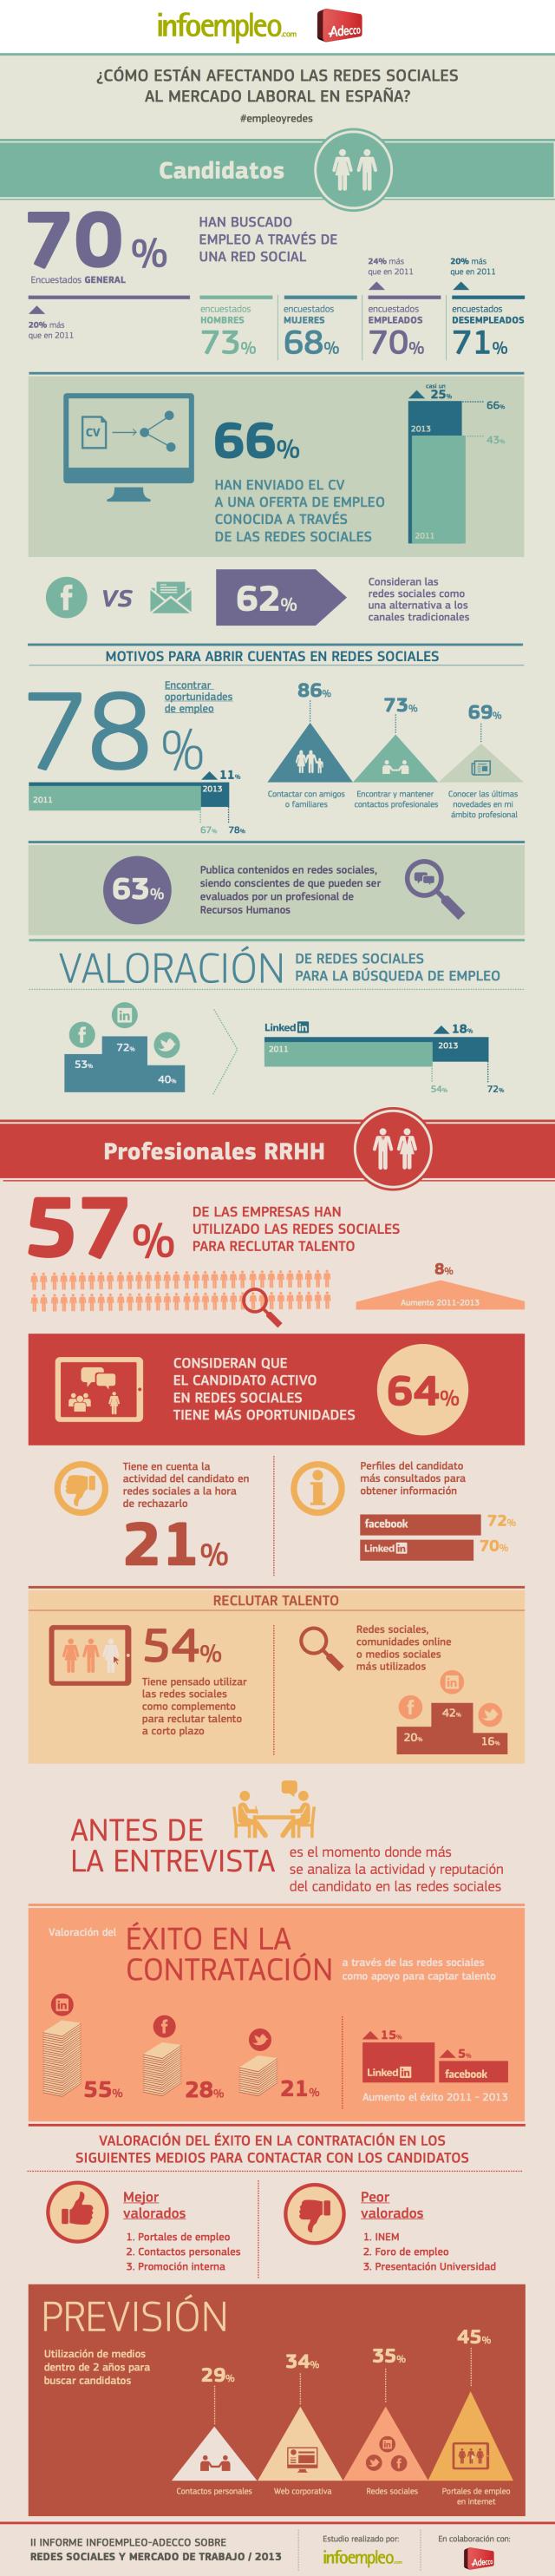 ¿Cómo están afectando las redes sociales al mercado laboral en España? (Infografía)